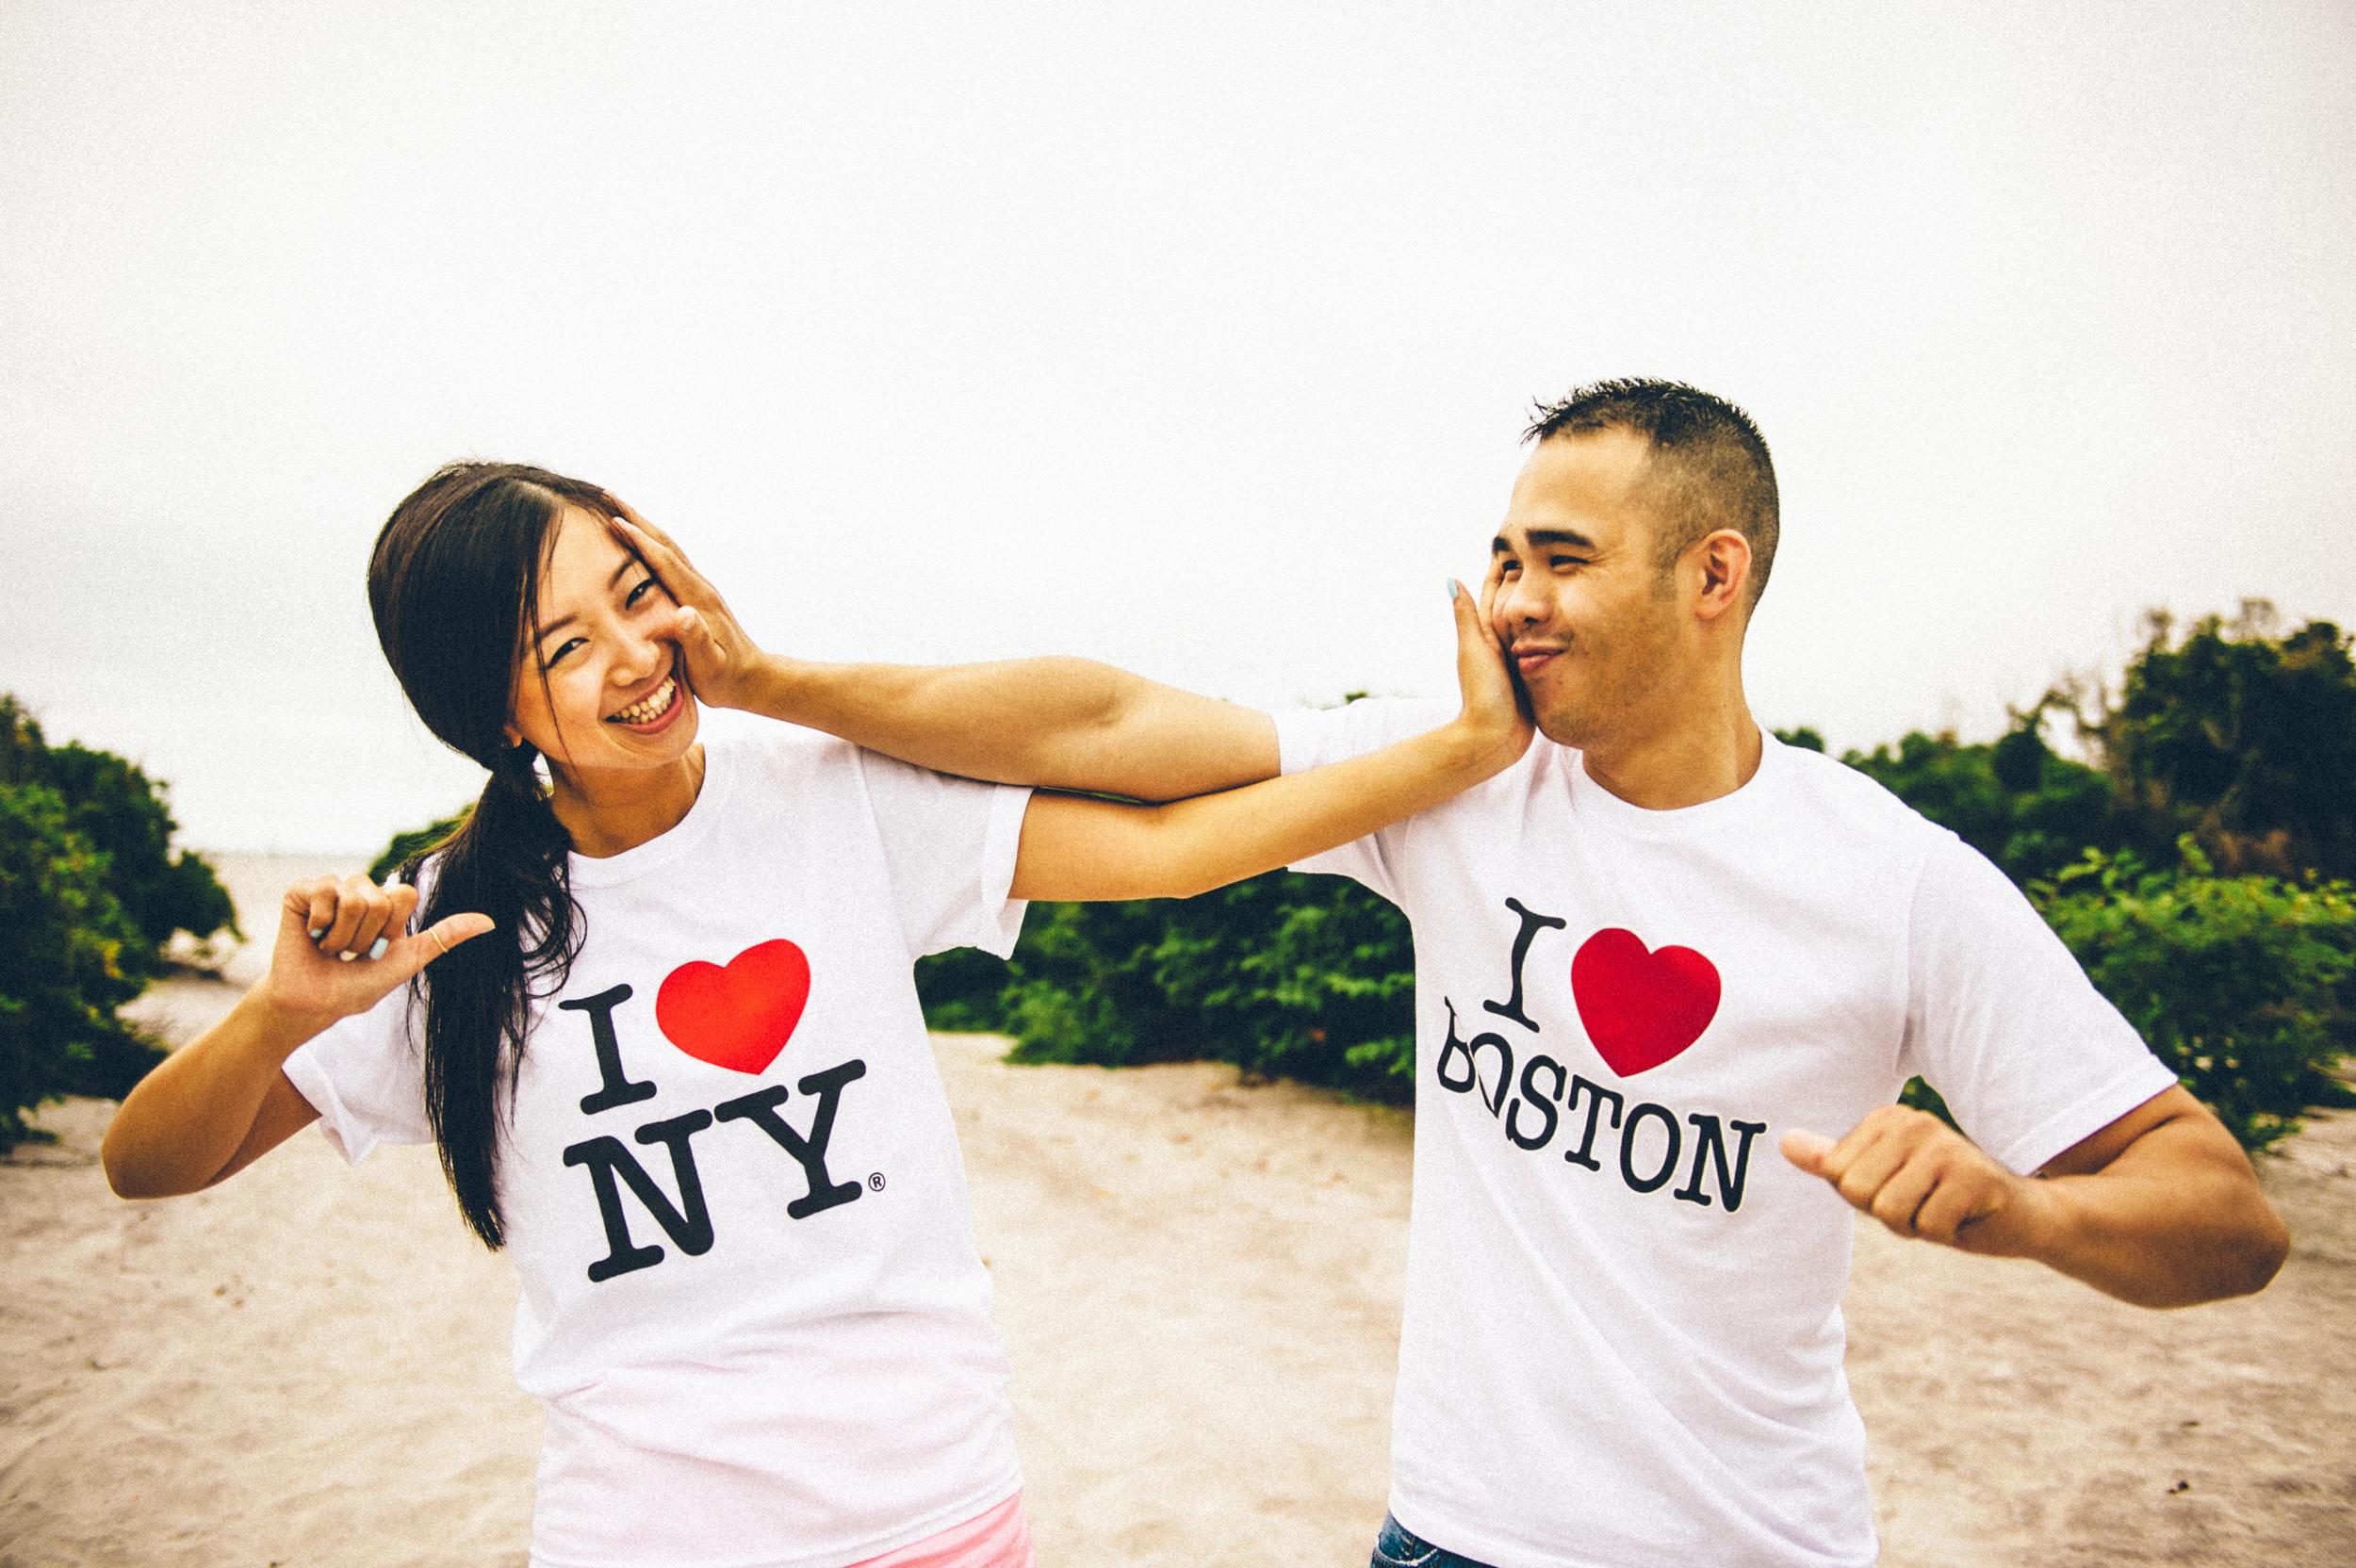 JYL-Eve&Hoson_Engagment-168.jpg